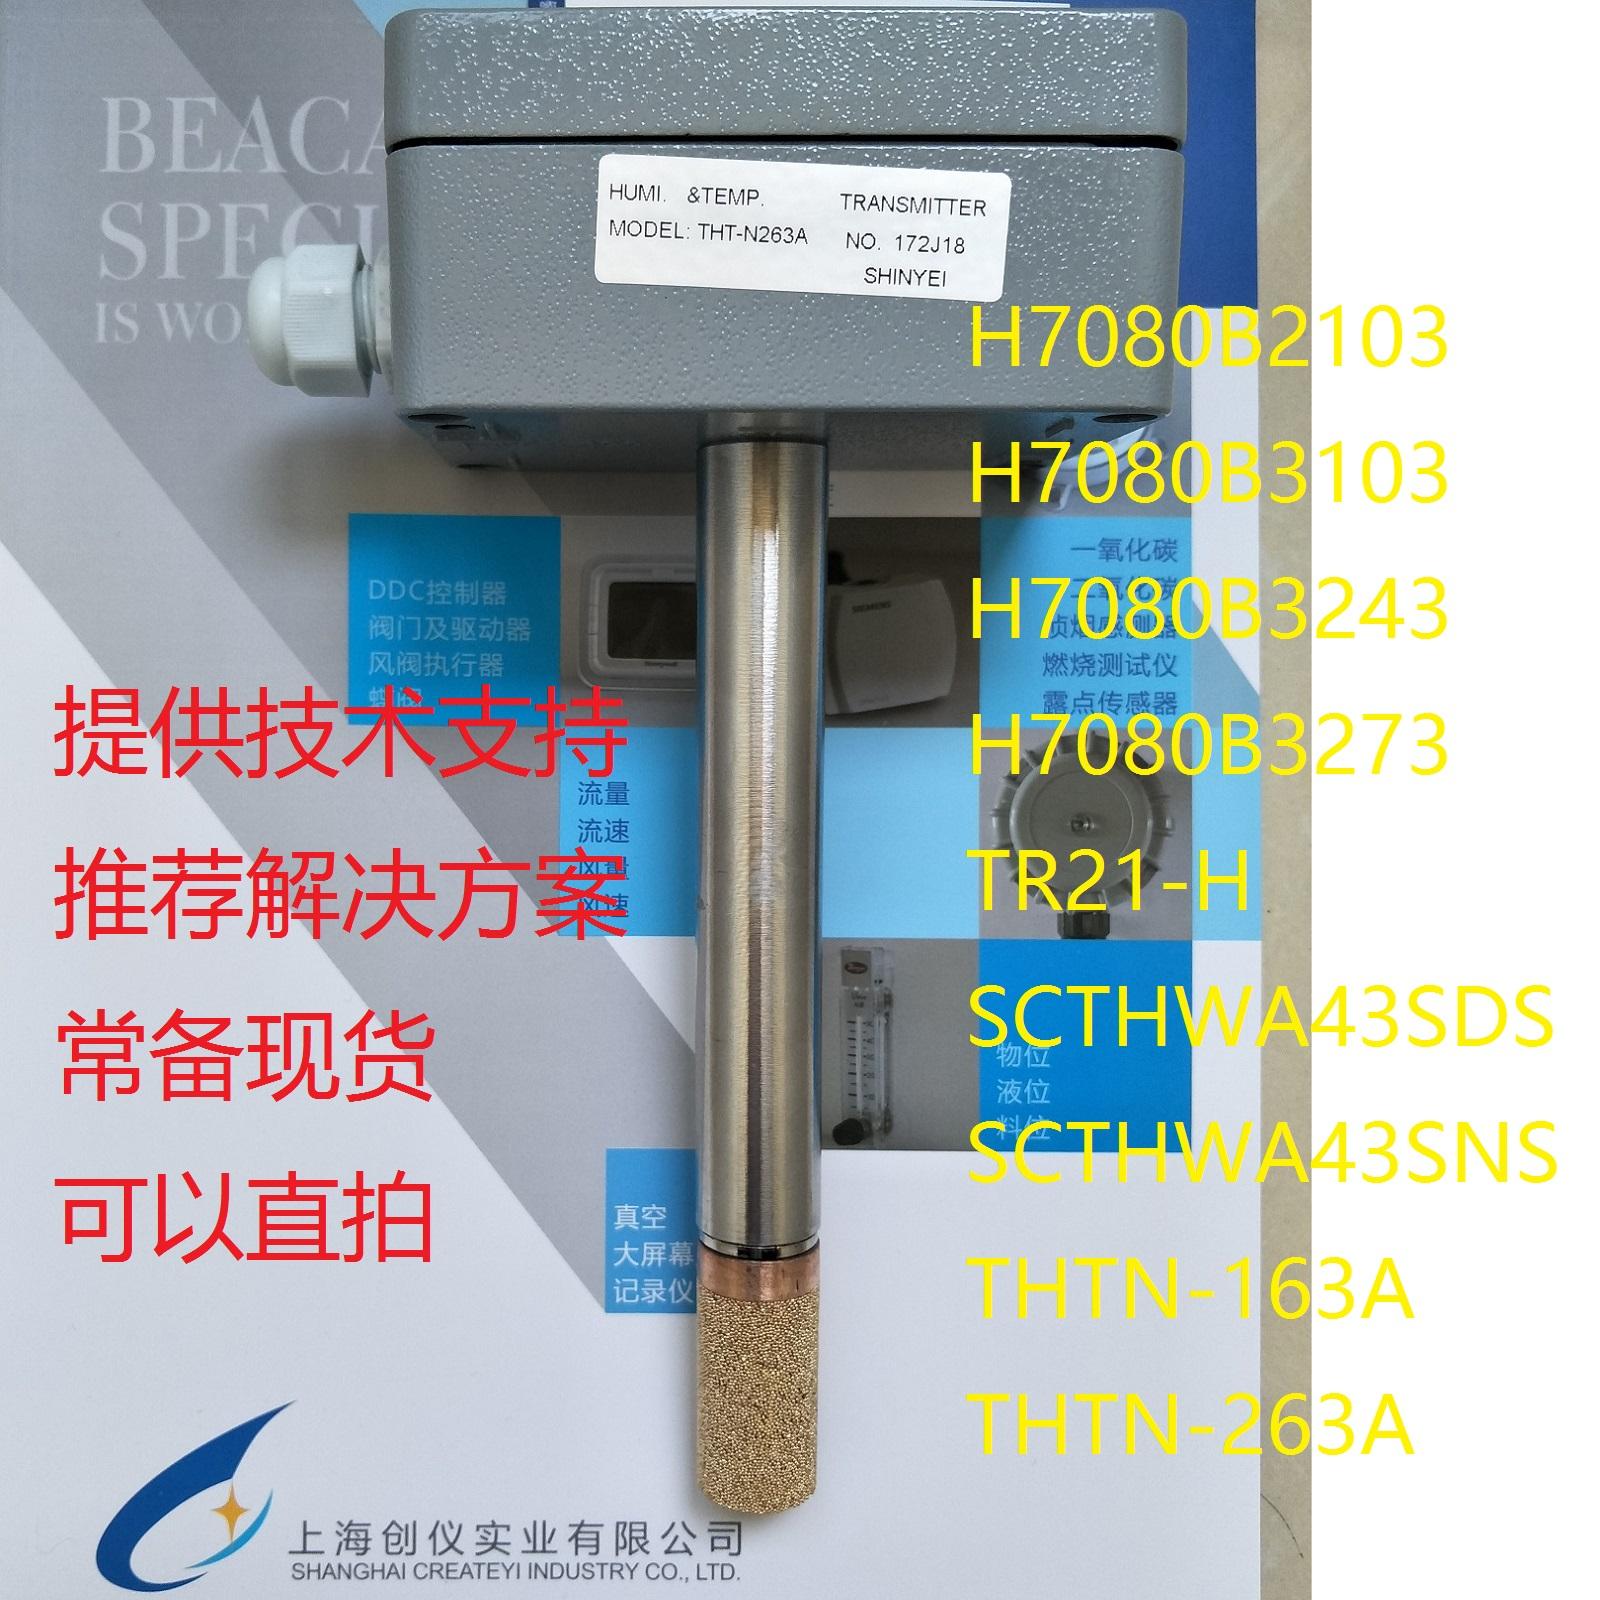 風管溫濕度變送器及溫濕度傳感器相關產品推薦